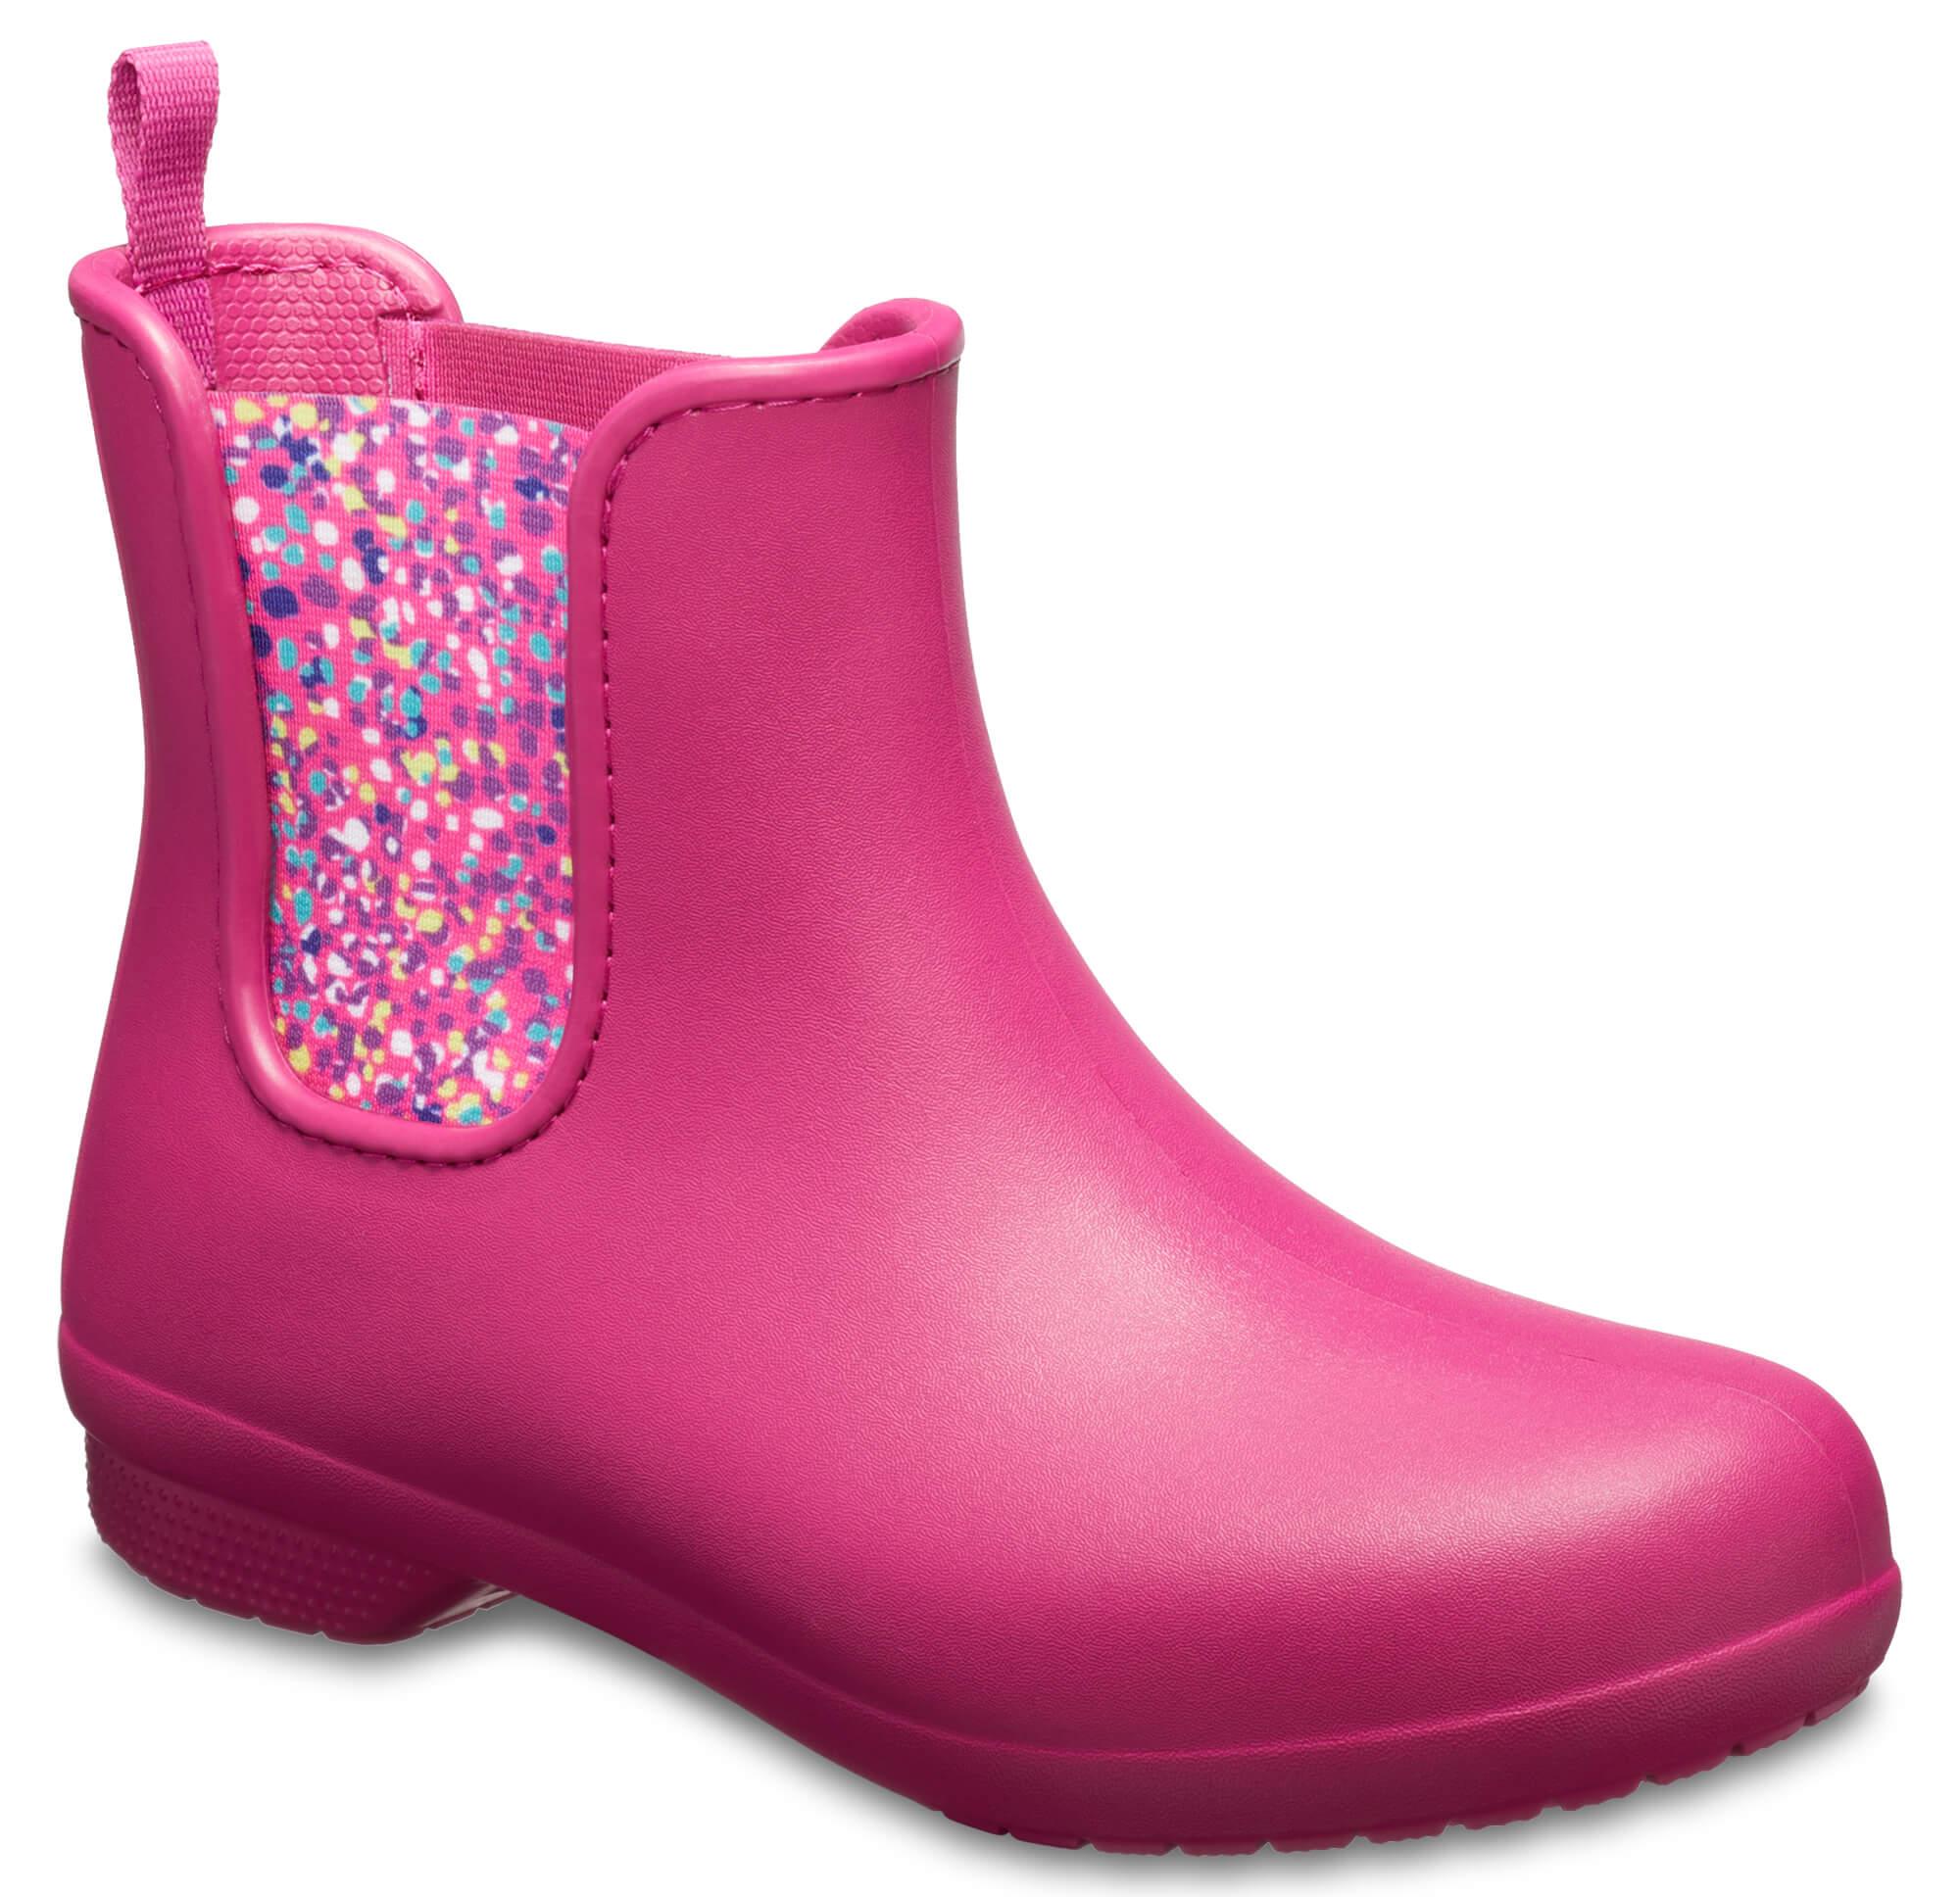 9915eb5cd7a Crocs Dámské holínky Crocs Freesail Chelsea Boot Berry Dots 204630 ...